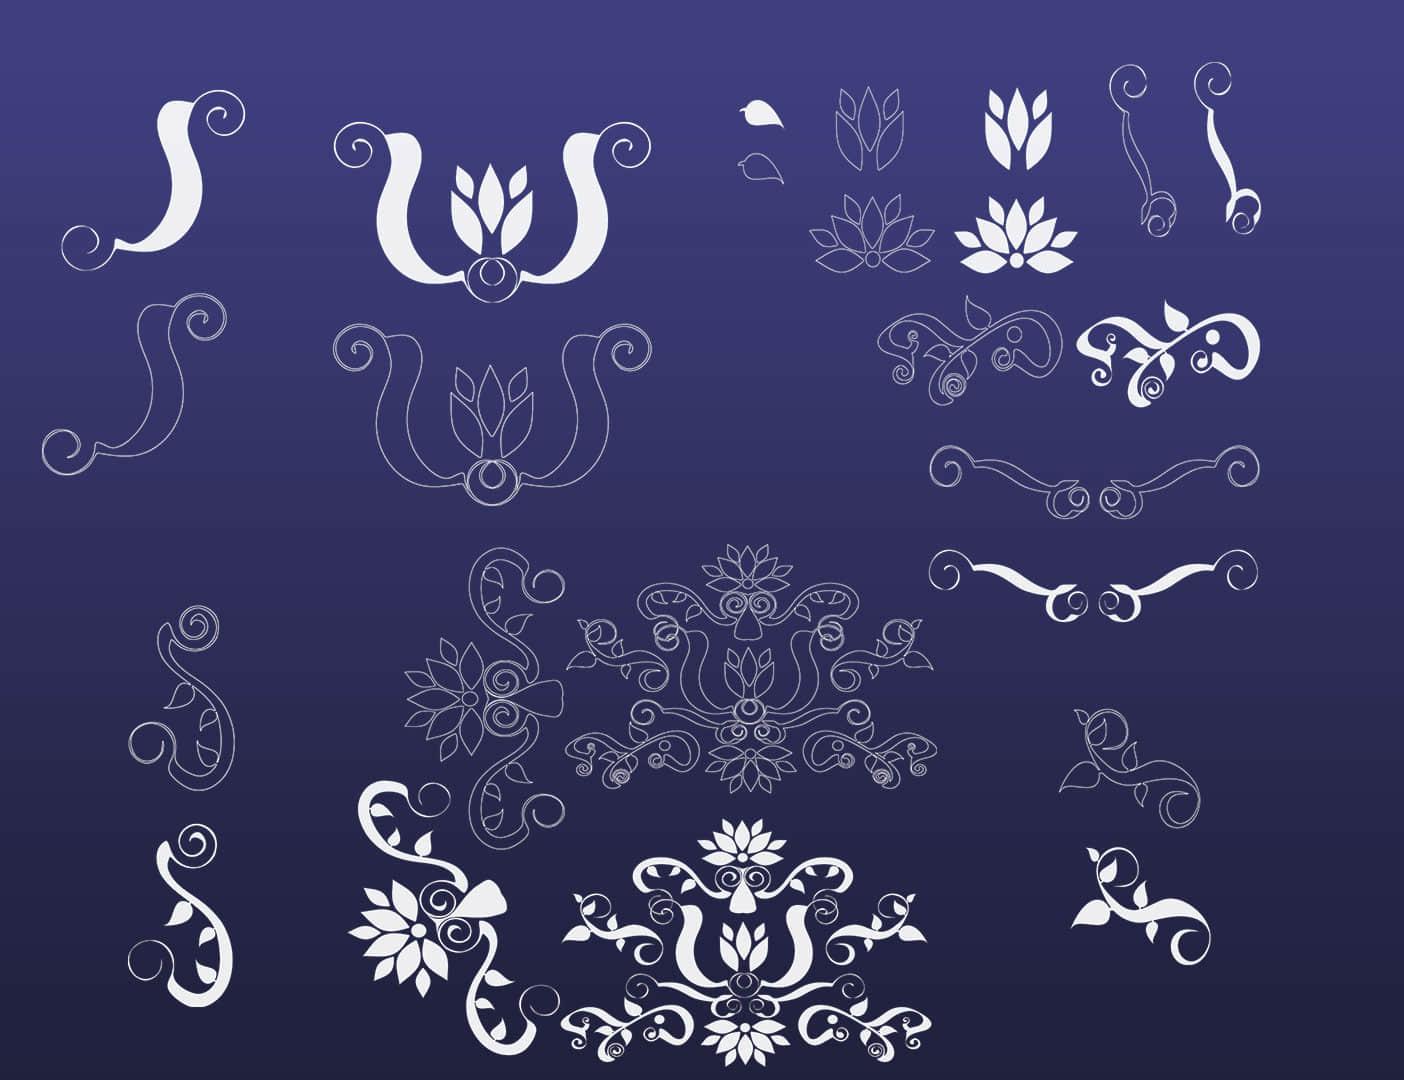 装饰性花纹图案、欧式花纹PS笔刷下载 艺术花纹笔刷 植物花纹笔刷  adornment brushes